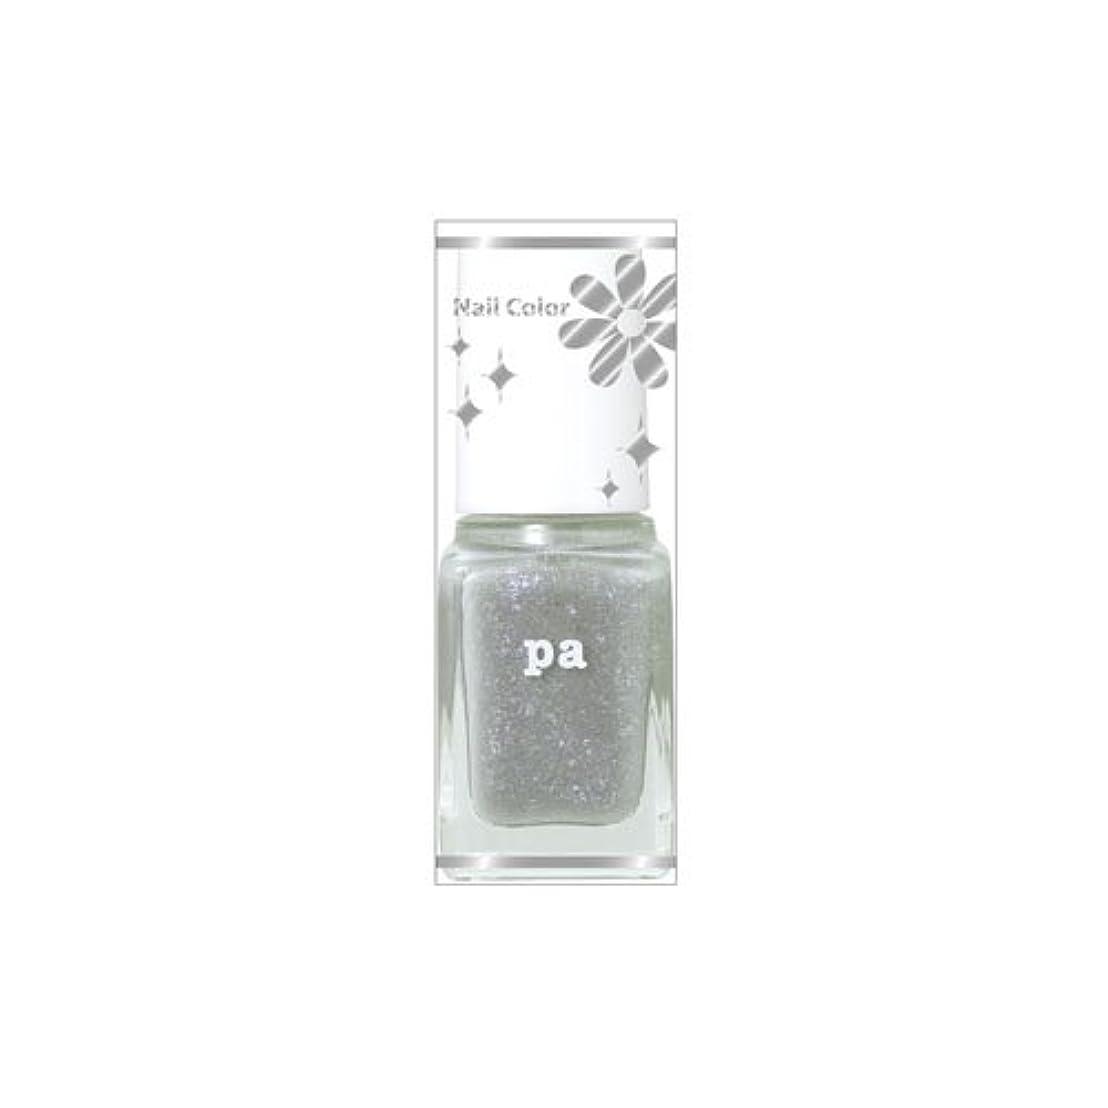 ゴール角度半円pa ネイルカラープレミア AA200 (6mL)